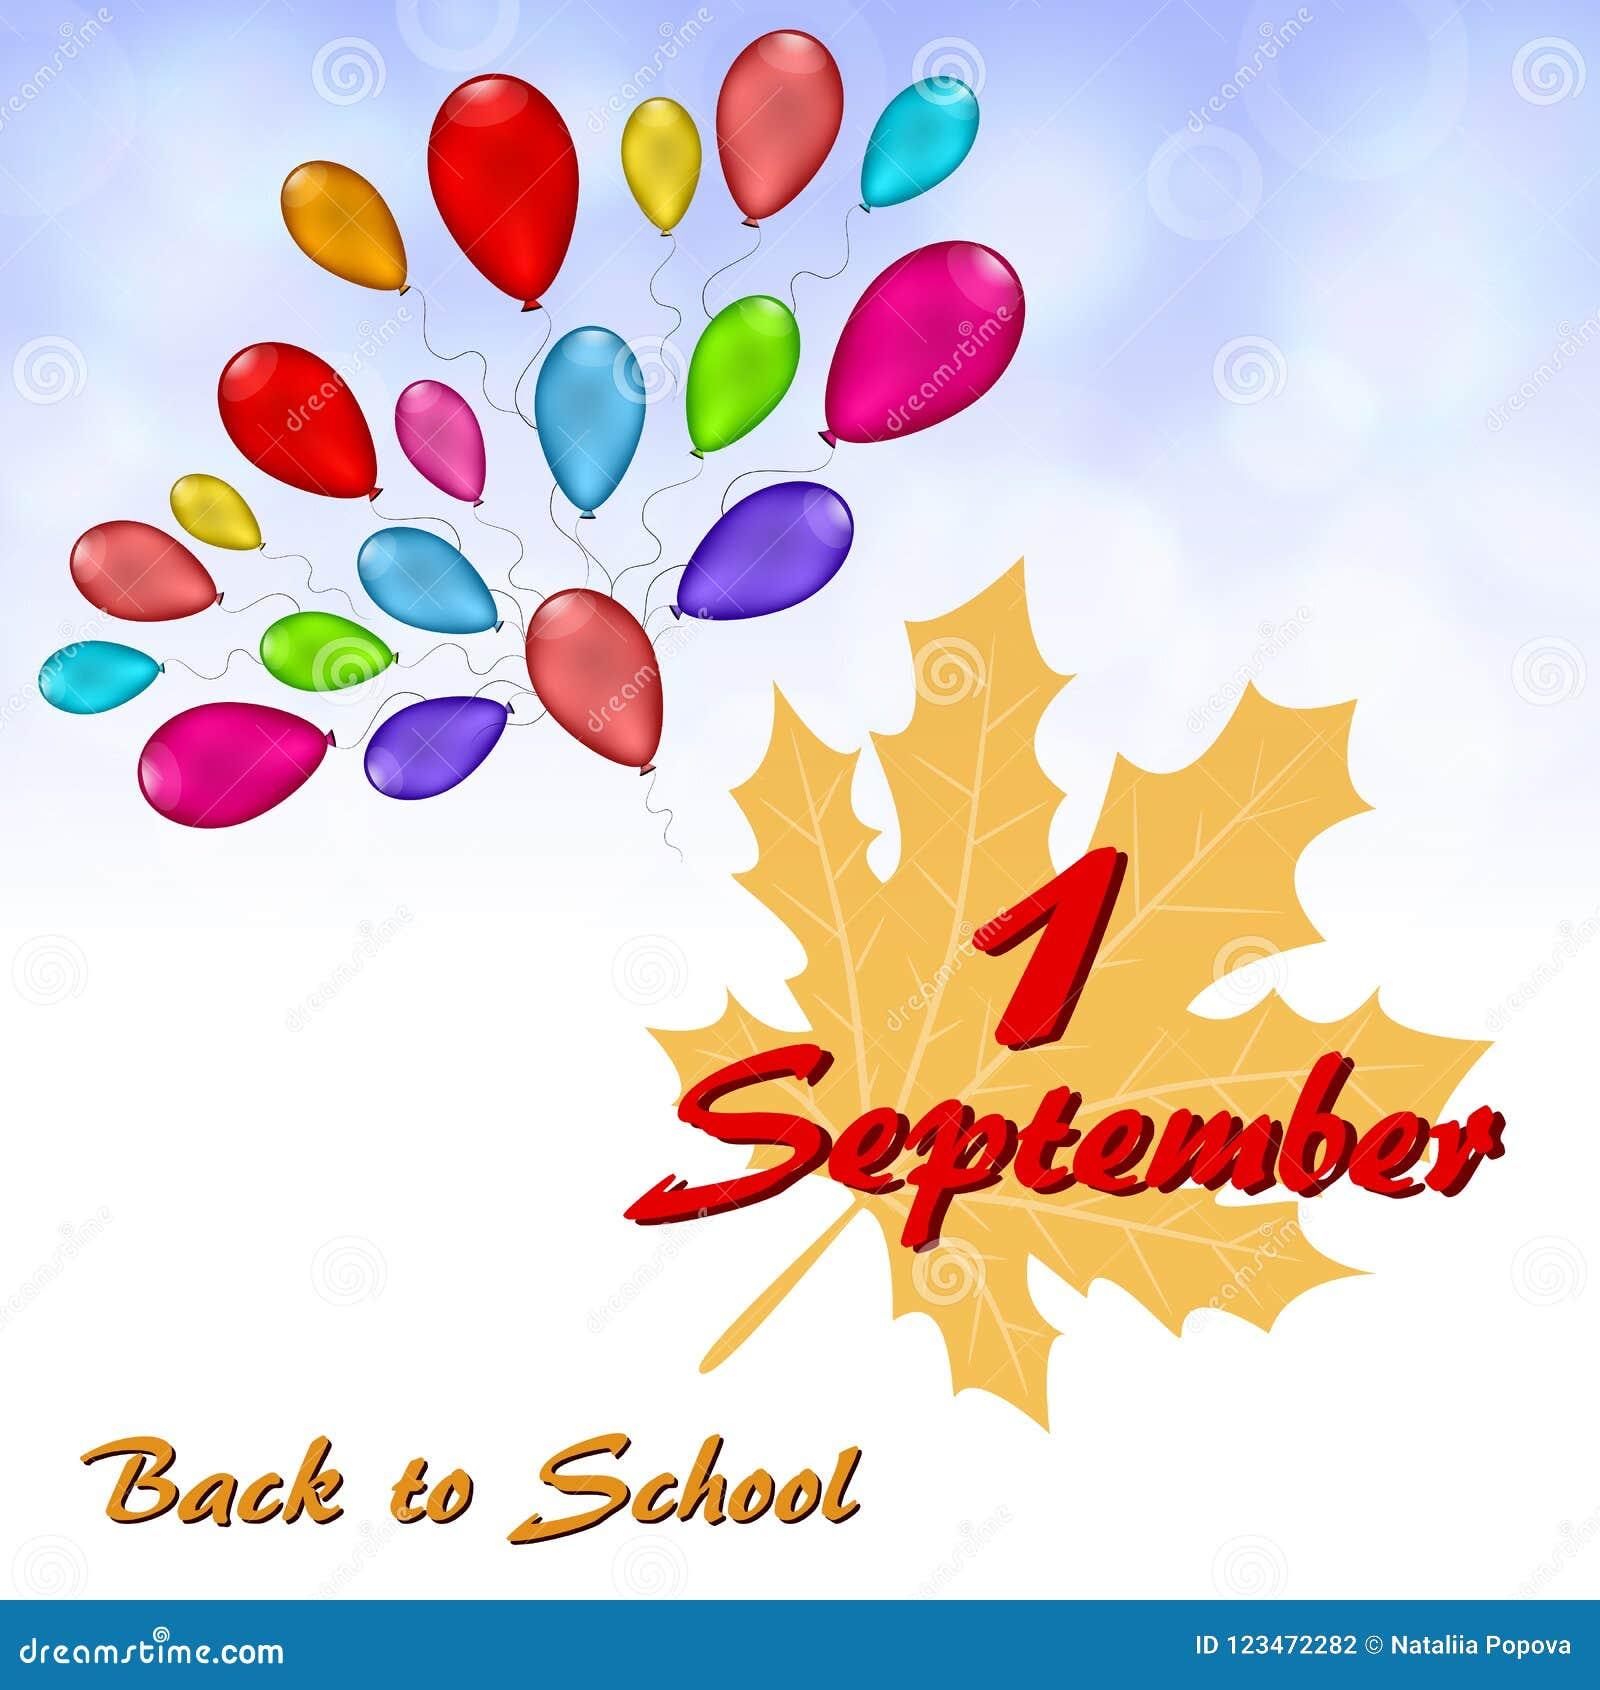 Ευχετήρια κάρτα μέχρι την 1η Σεπτεμβρίου